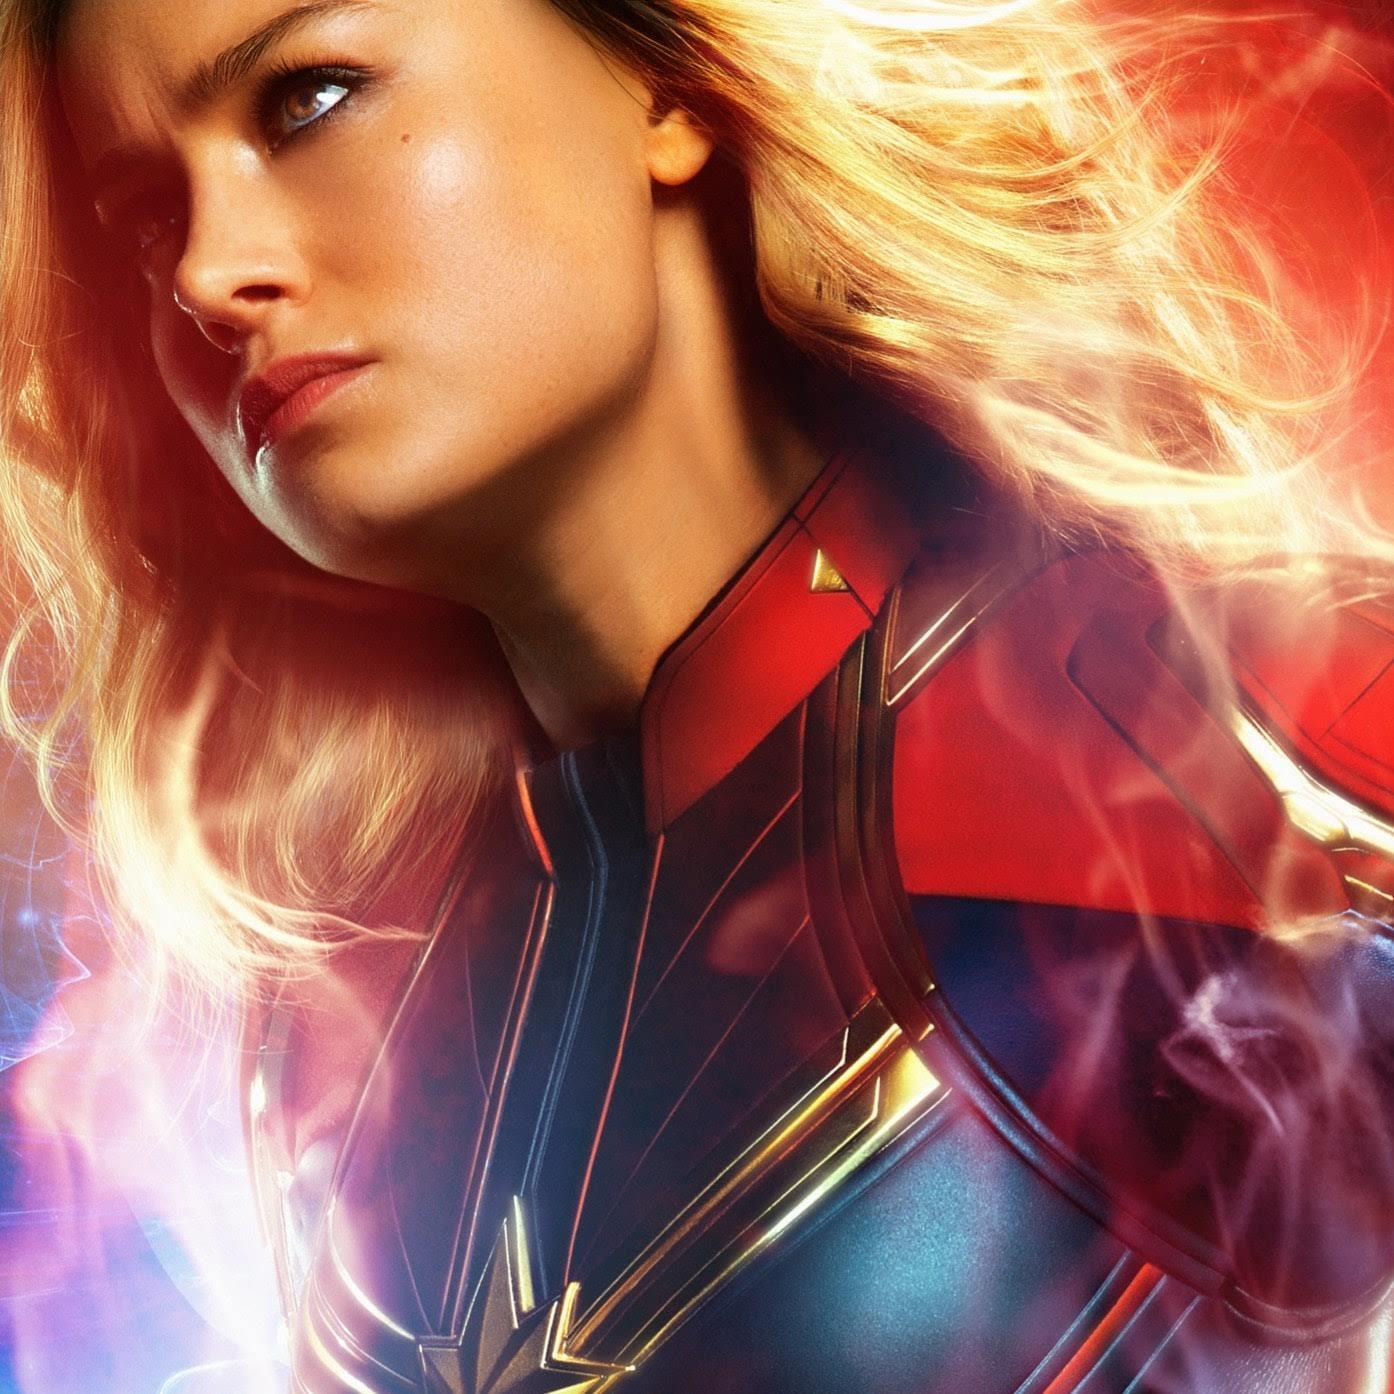 Captain Marvel : マーベルの戦うヒロイン映画「キャプテン・マーベル」が、ねこのグースも含めたメイン・キャストのキャラクター・ポスター計10点をまとめて、リリース ! !